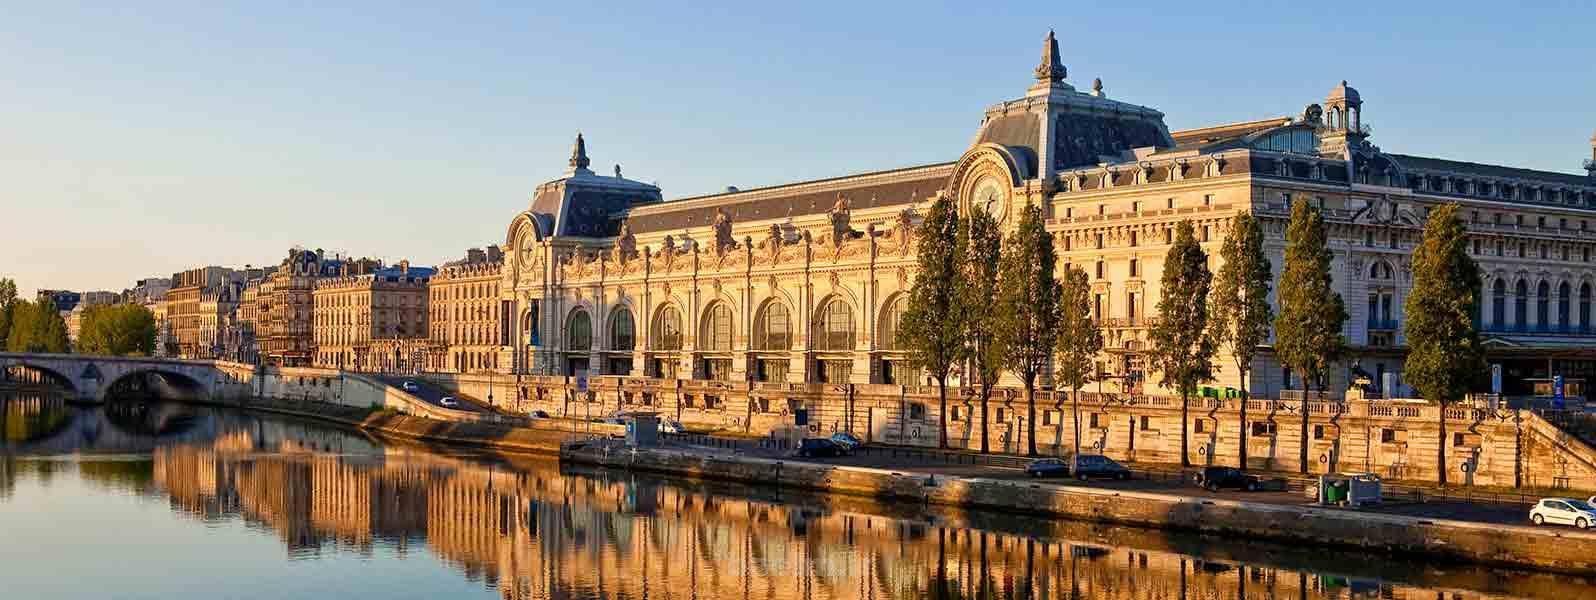 paris pictures 2 Paris Pictures For Lovers